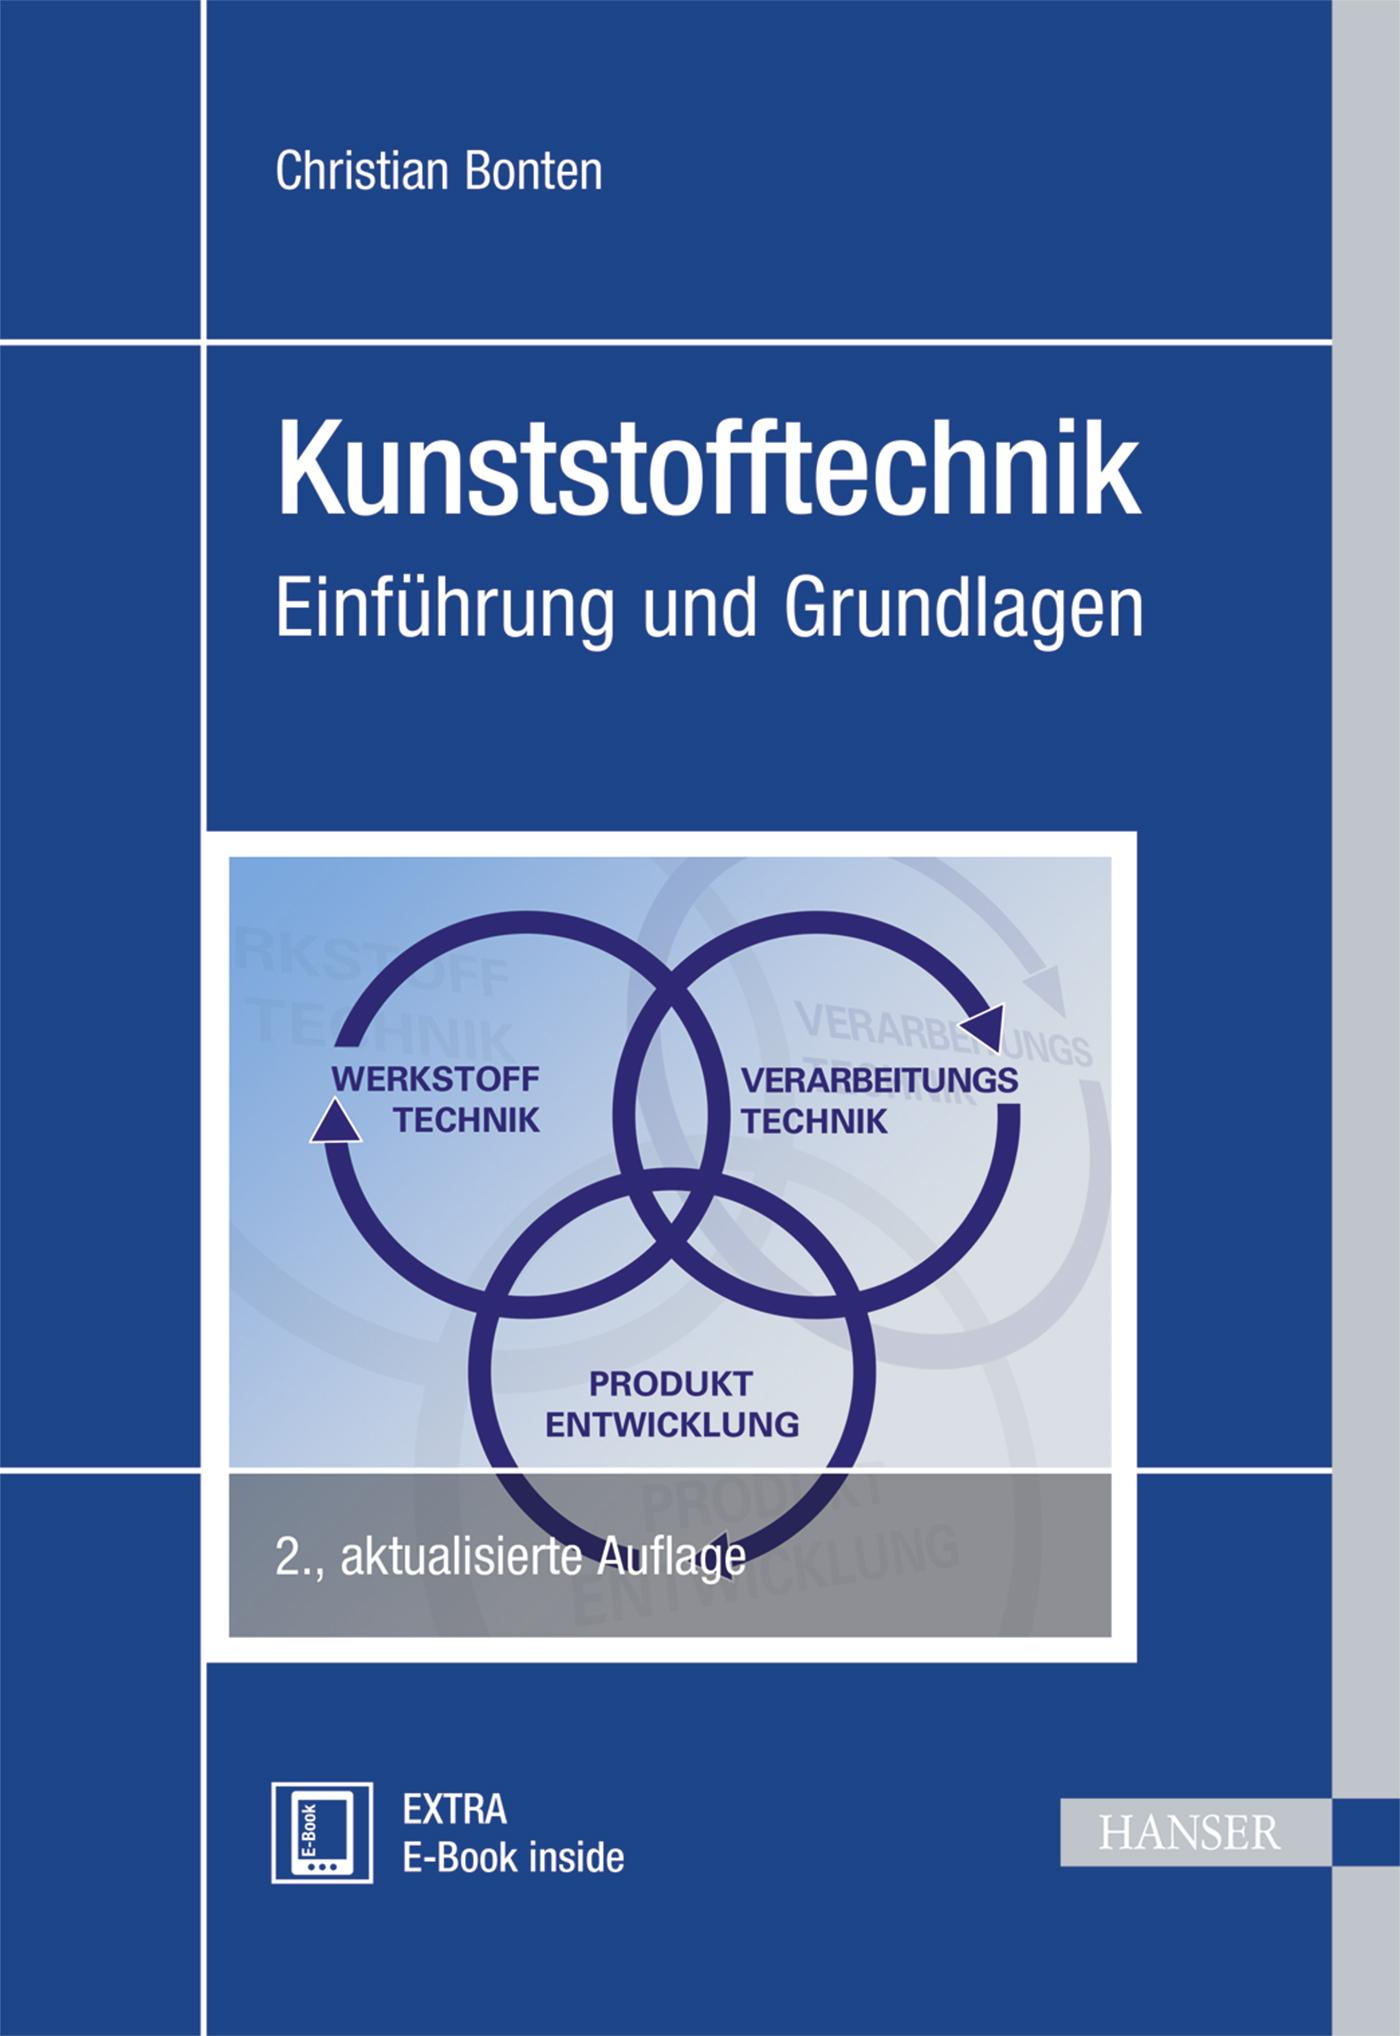 Bonten, Kunststofftechnik, 978-3-446-44674-8